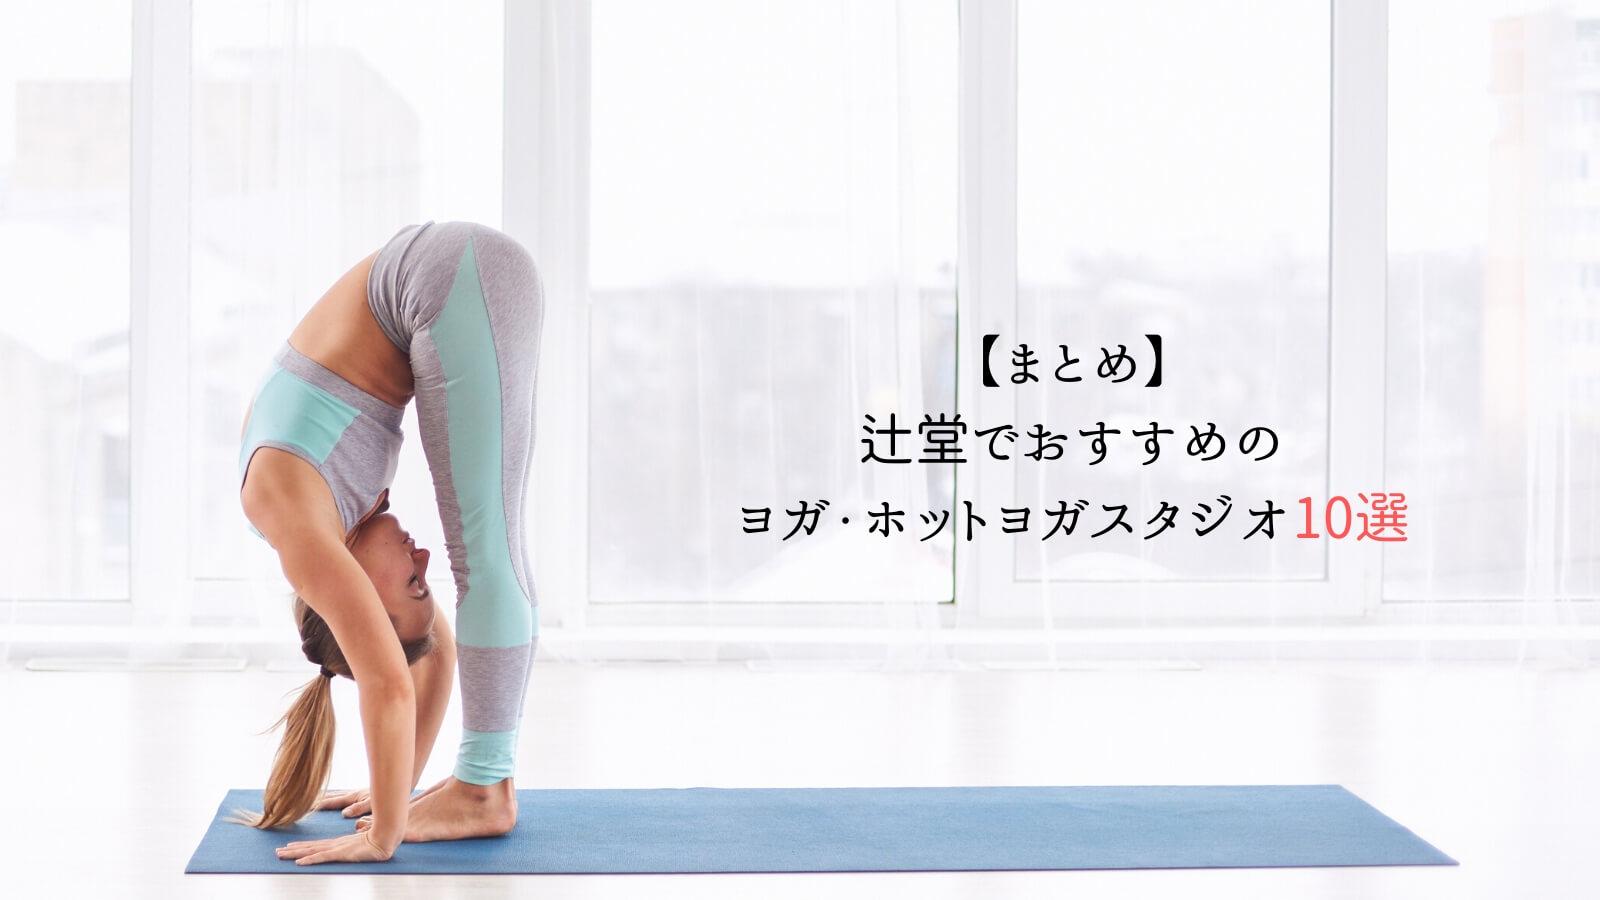 【まとめ】辻堂でおすすめのヨガ・ホットヨガスタジオ10選